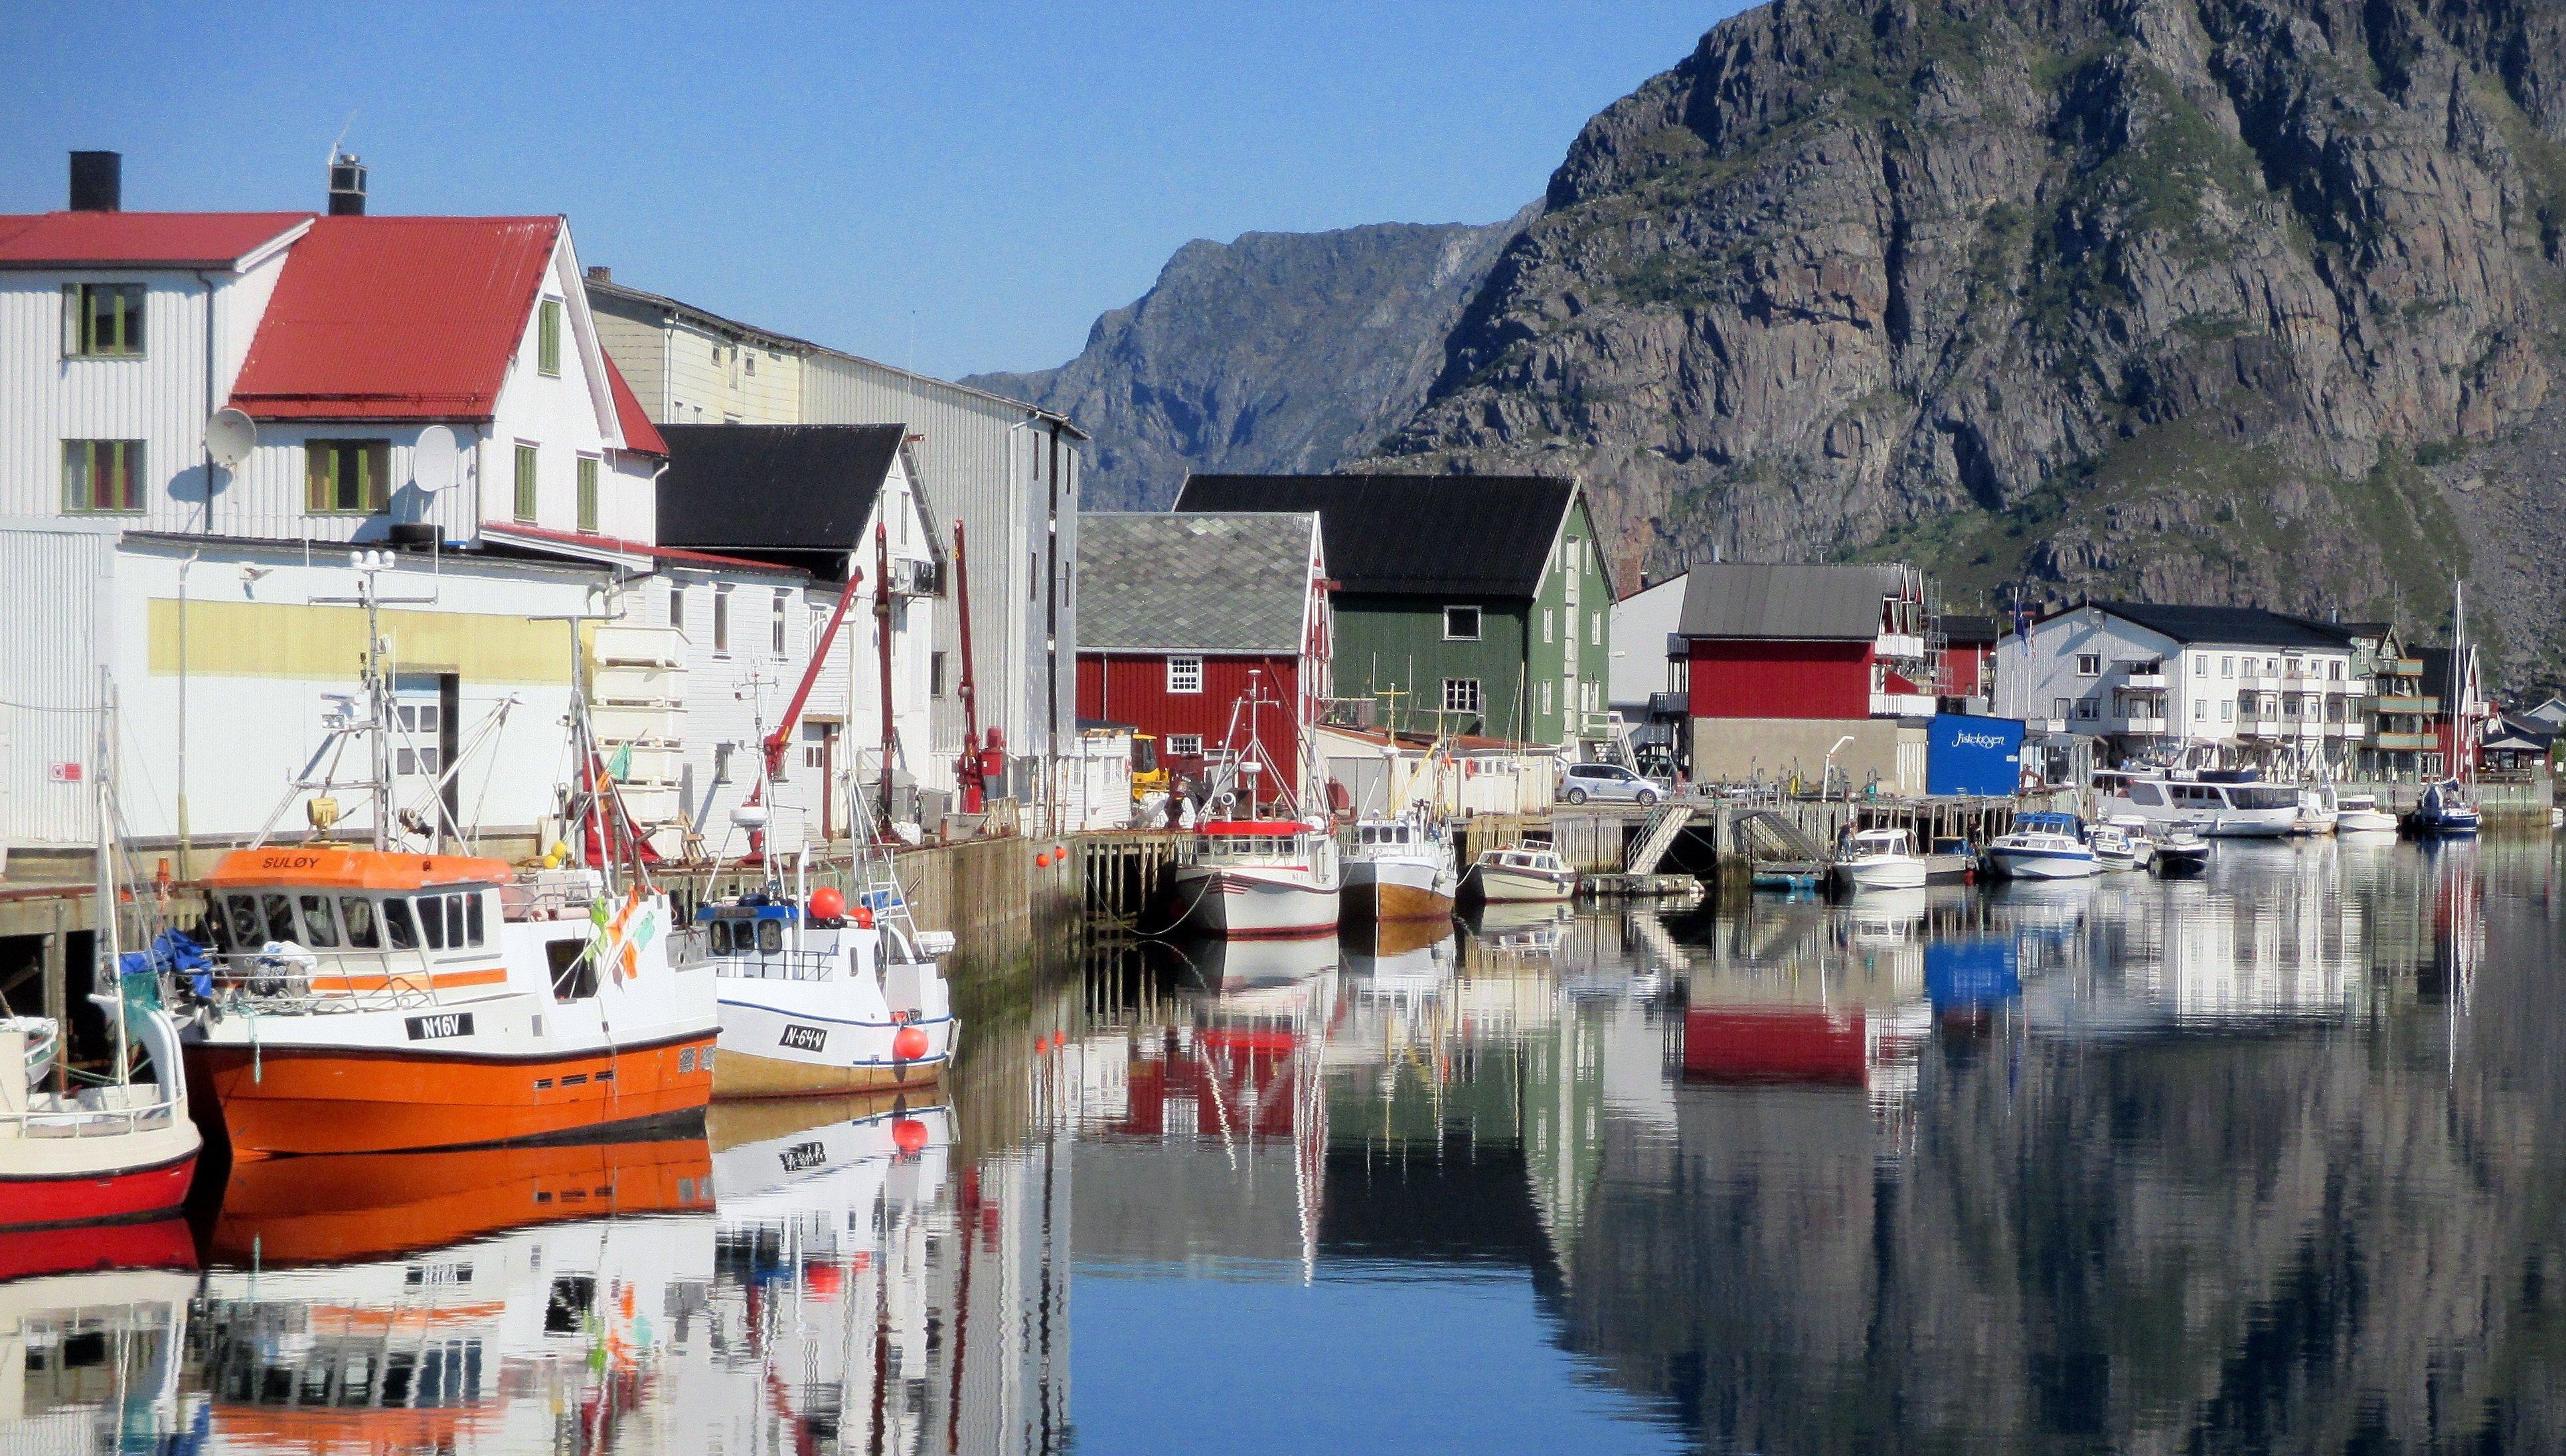 Halvparten av nordlendinger vurderer å selge bolig selv